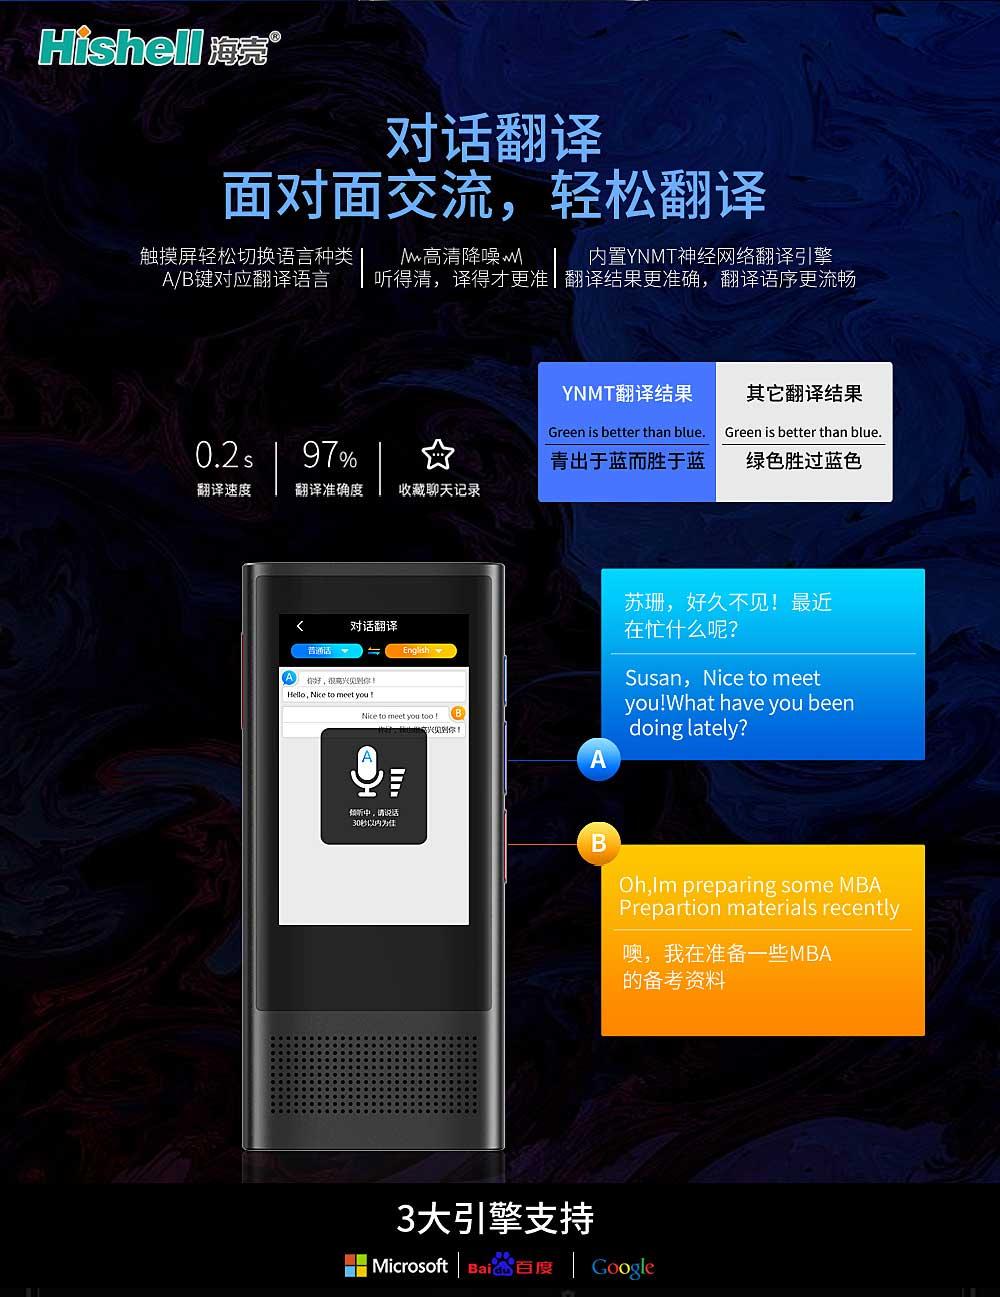 便携式翻译机,显示档次和品味。【海壳】